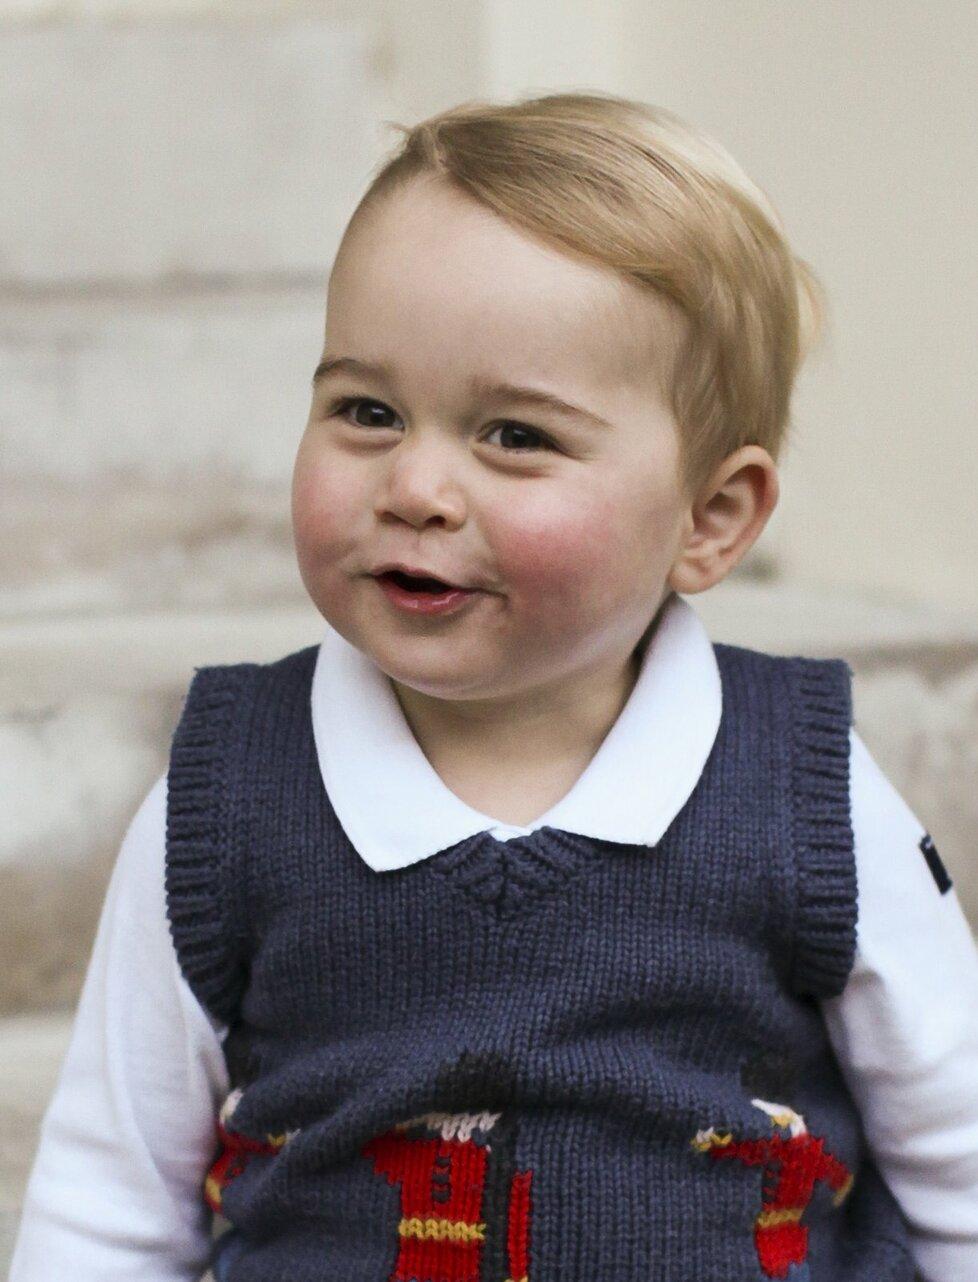 Budoucí britský panovník - princ George.